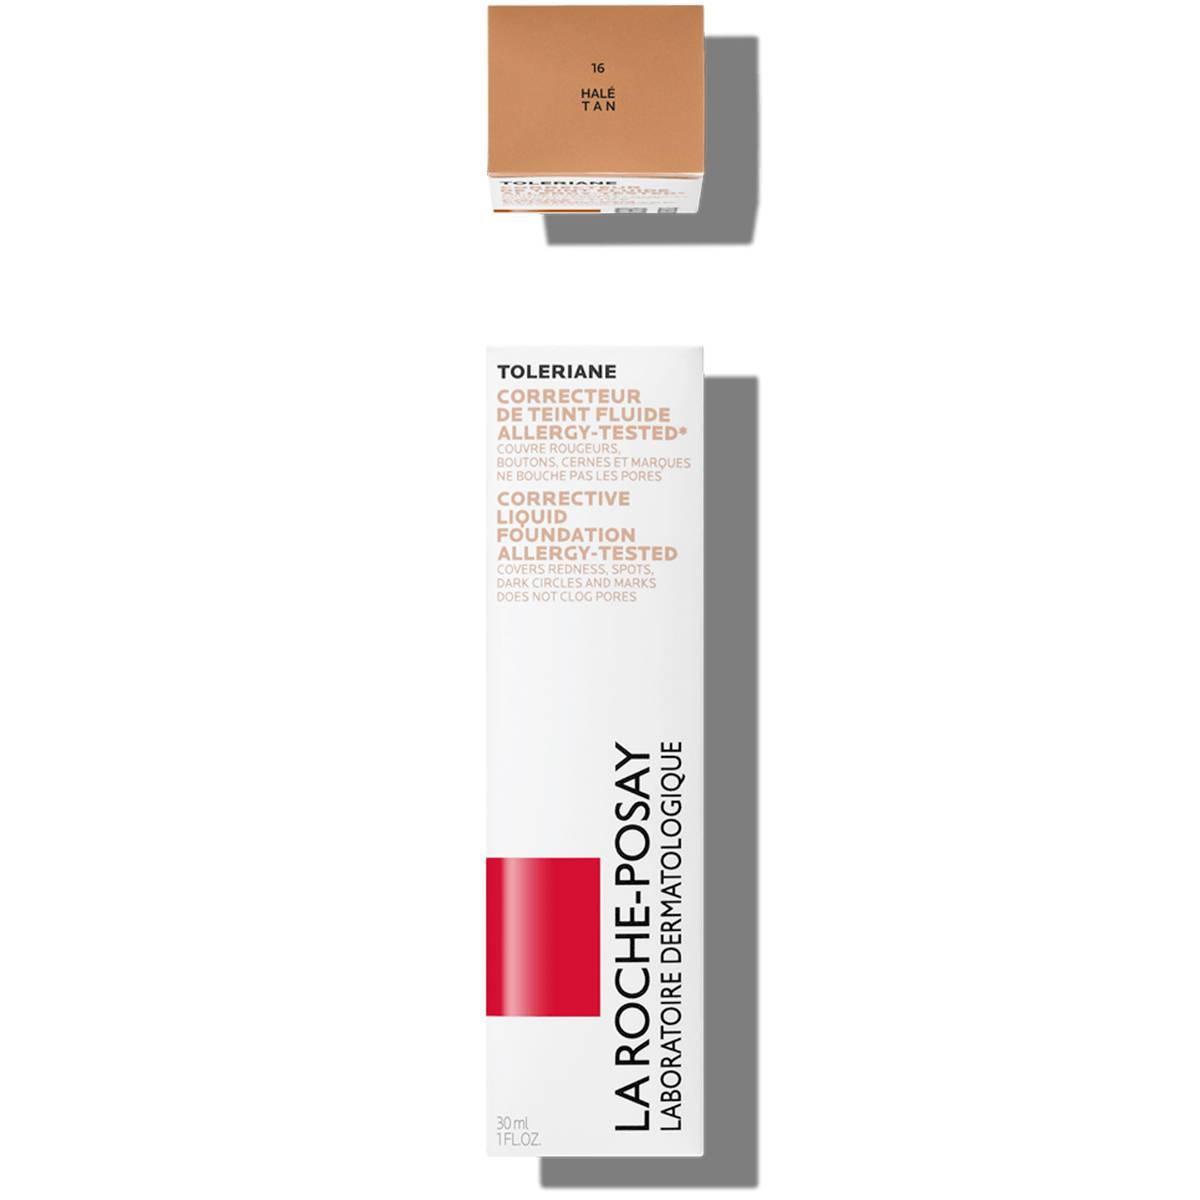 La Roche Posay Citlivá Toleriane Make-up KOREKČNÍ TEKUTÝ MAKE-UP